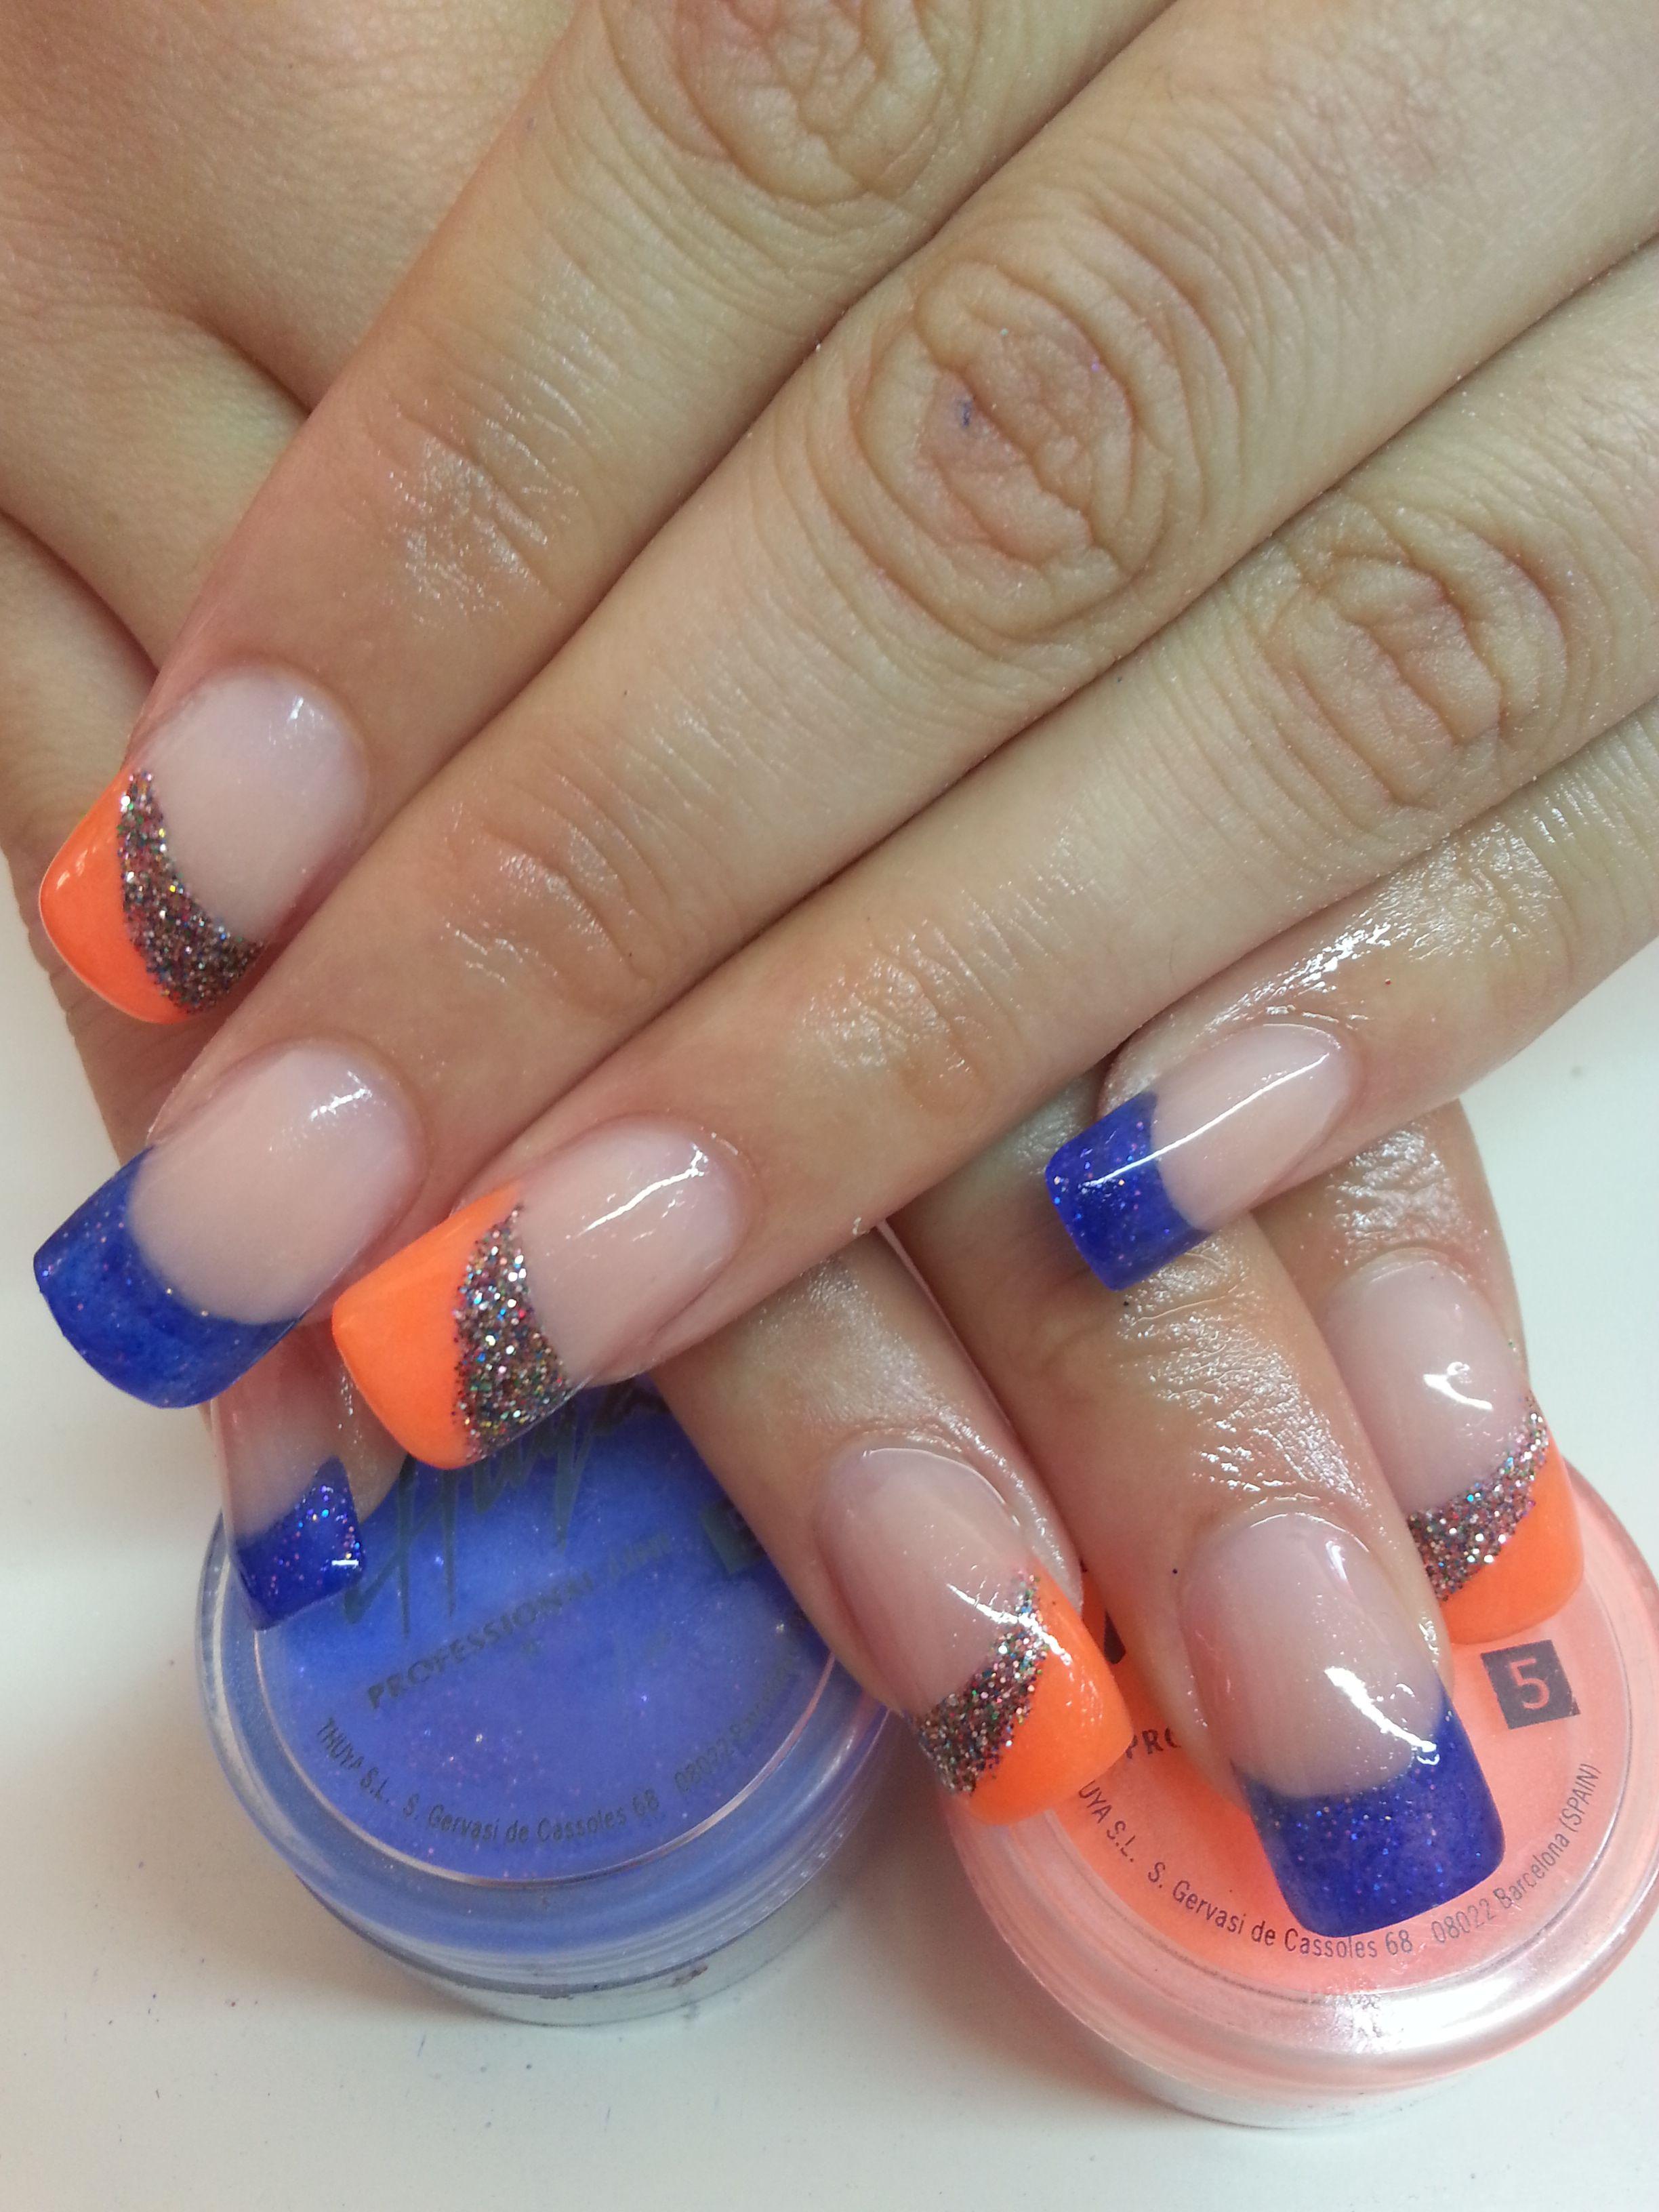 Uñas acrílicas con manicura francesa en naranja neón y azul ...